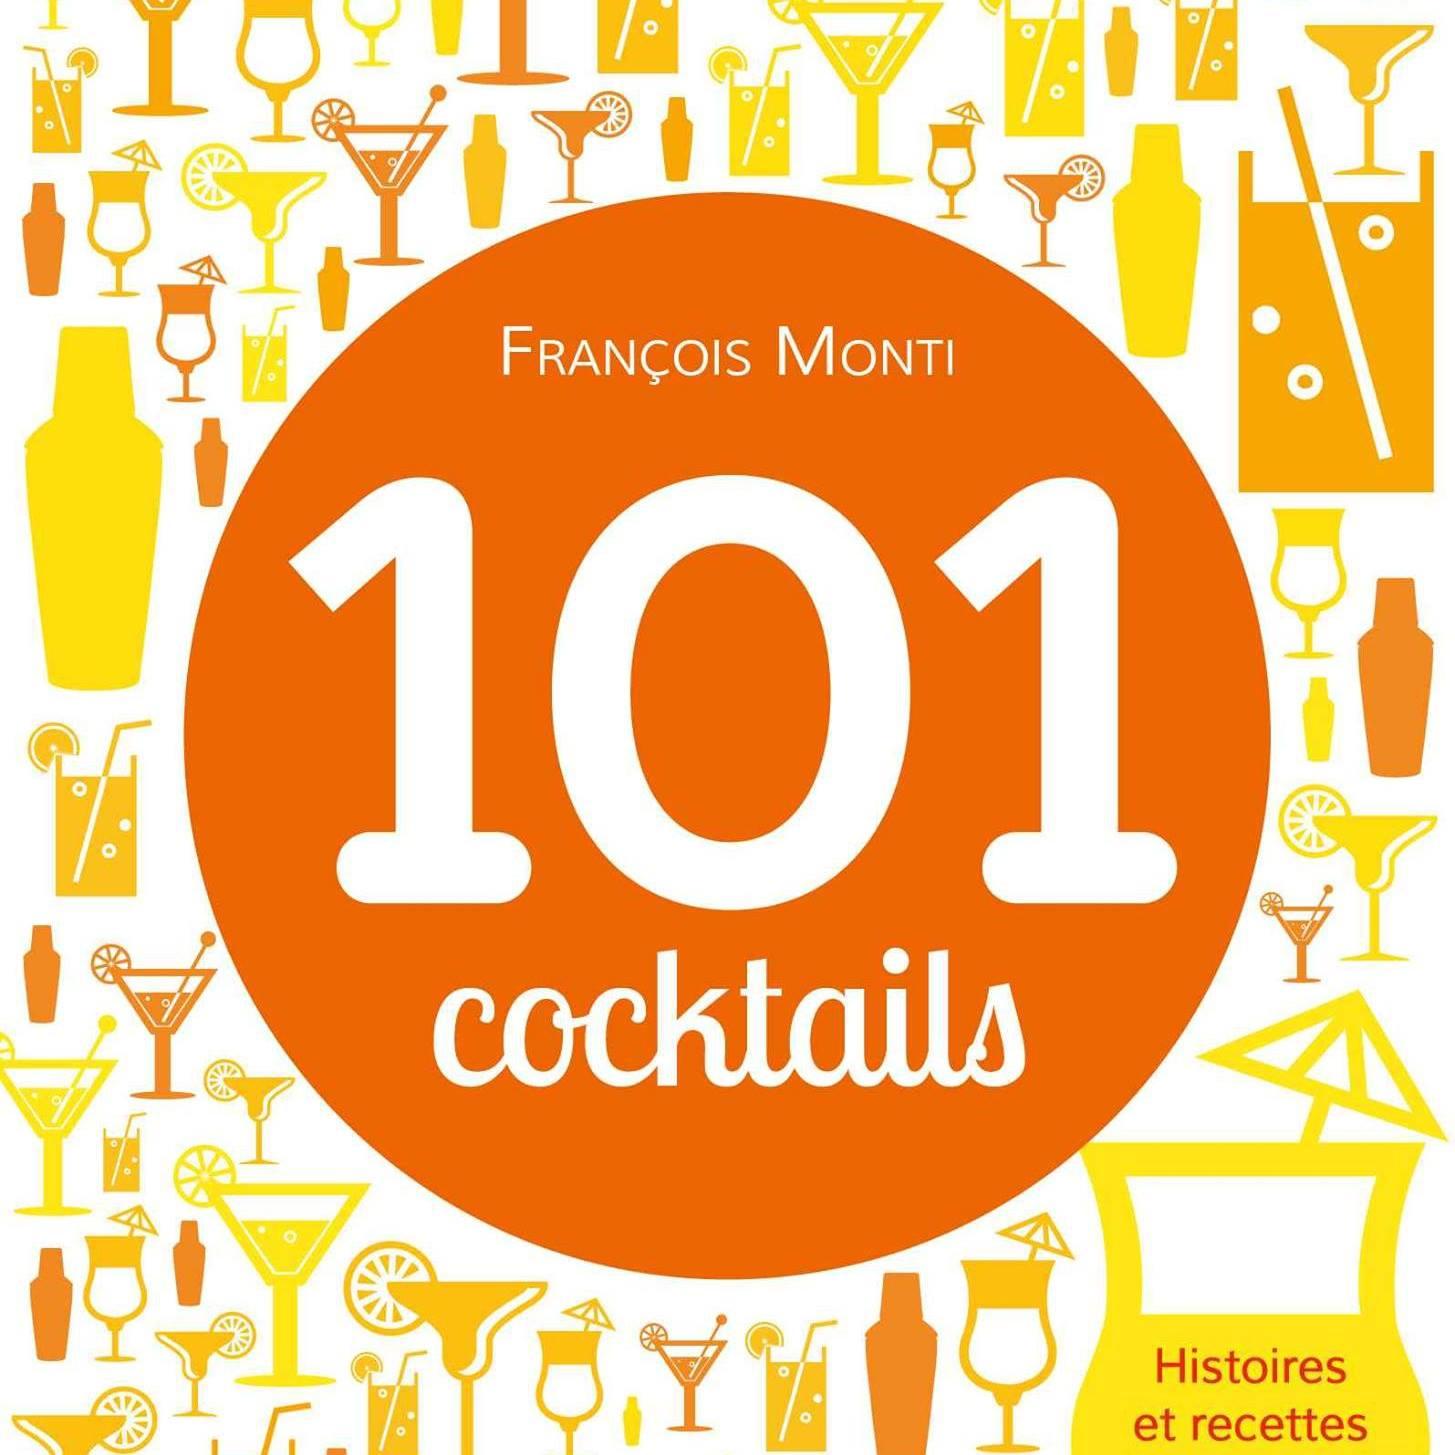 101 cocktails, le nouvel ouvrage de François Monti